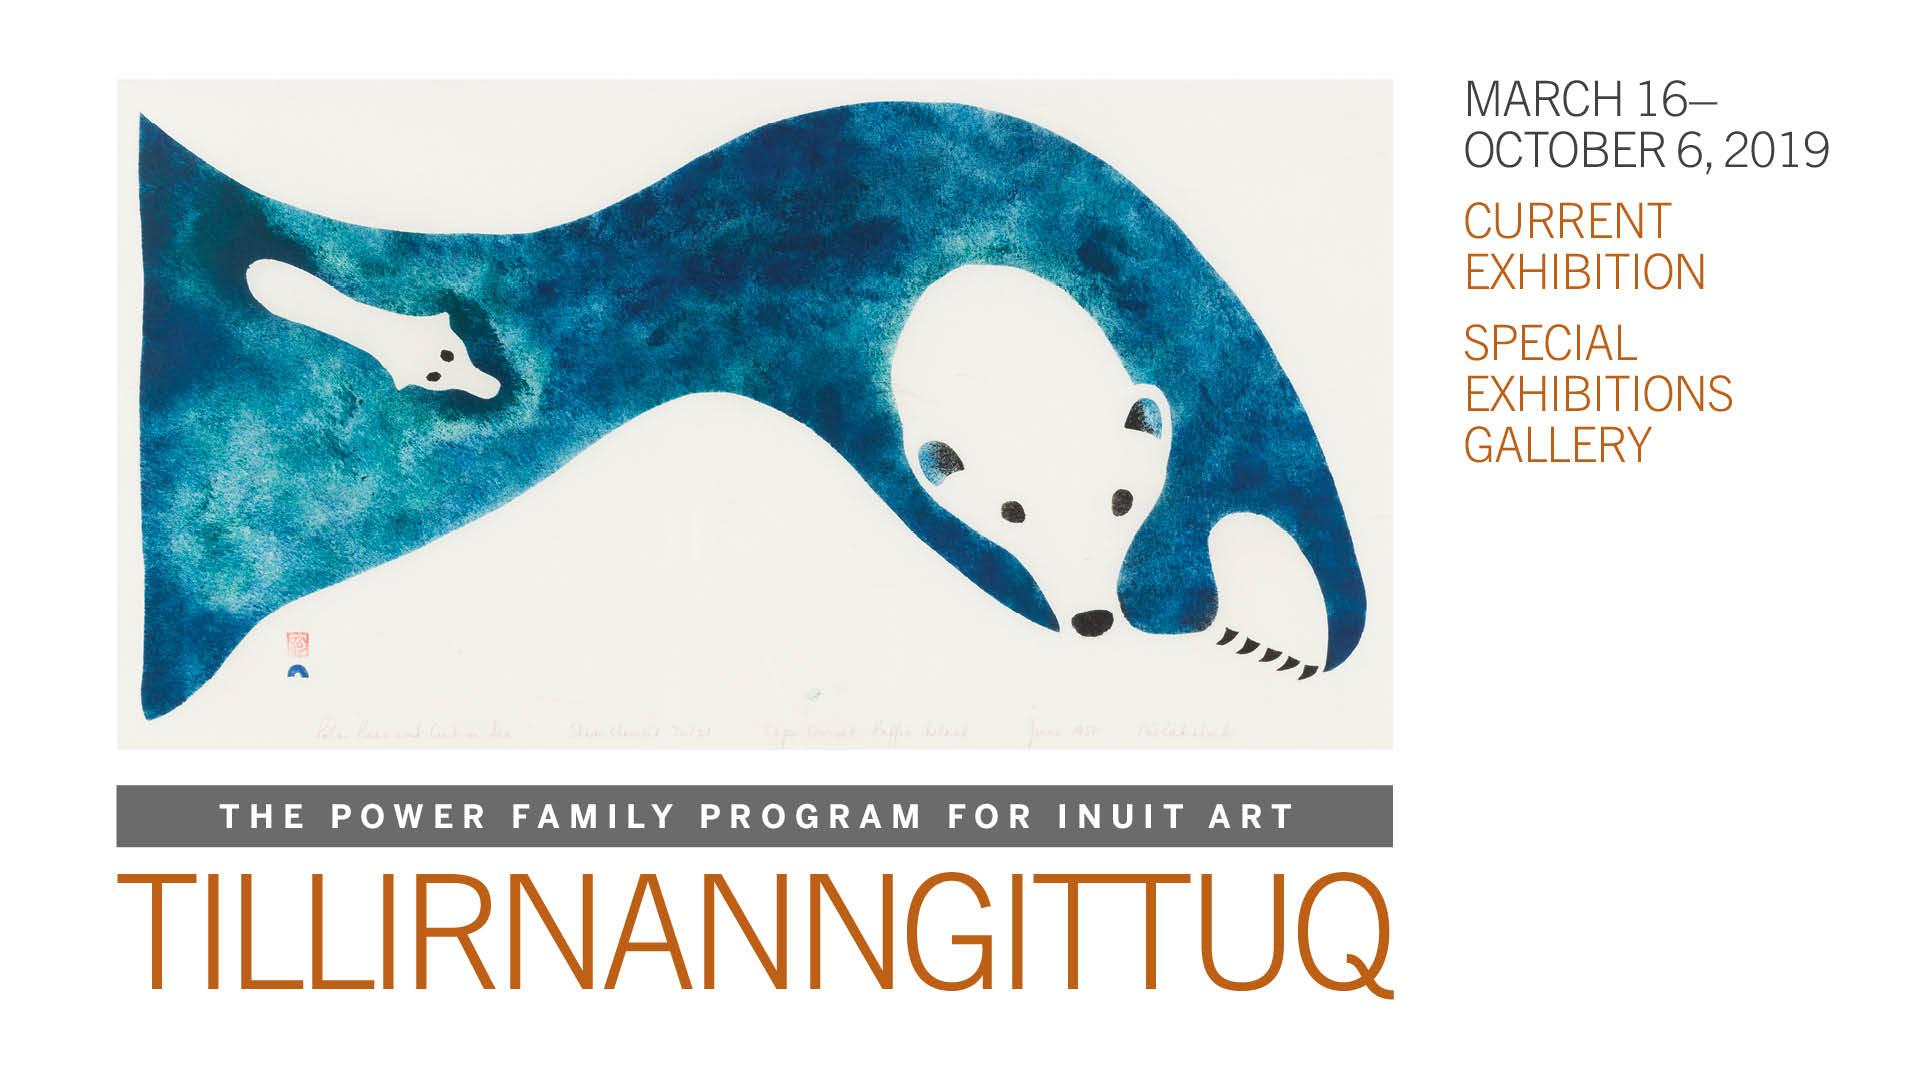 The Power Family Program for Inuit Art: Tillirnanngittuq, on view through October 6, 2019